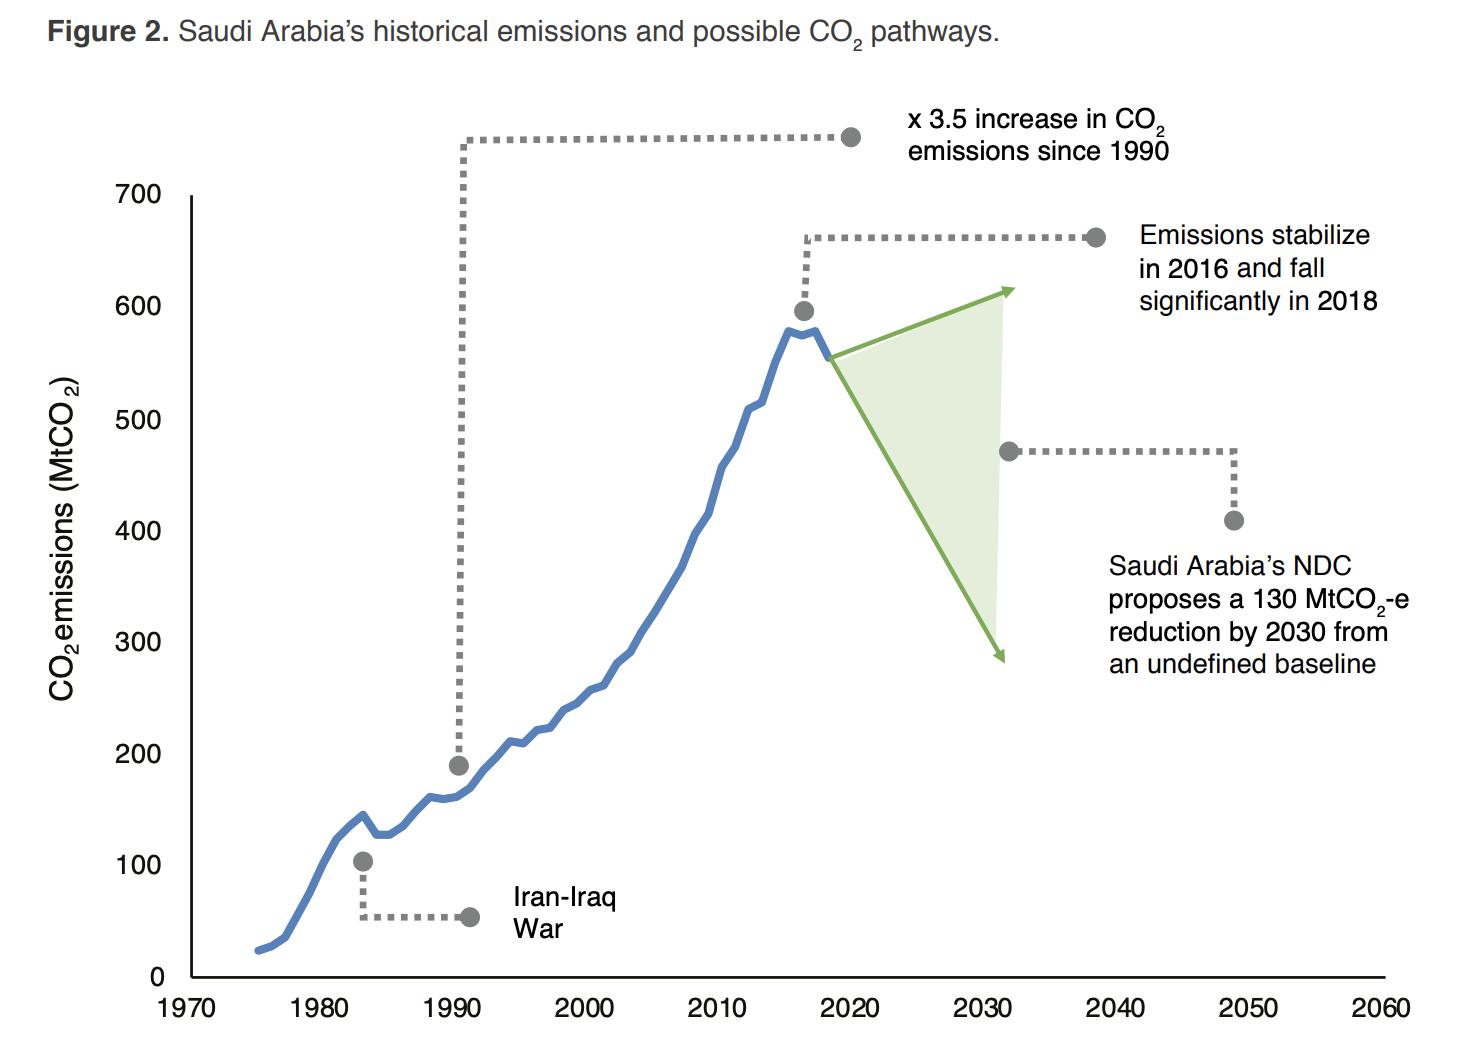 Source: KAPSARC analysis based on Enerdata Global Energy & CO2 Database (2018 data) and IEA (2017 and earlier).